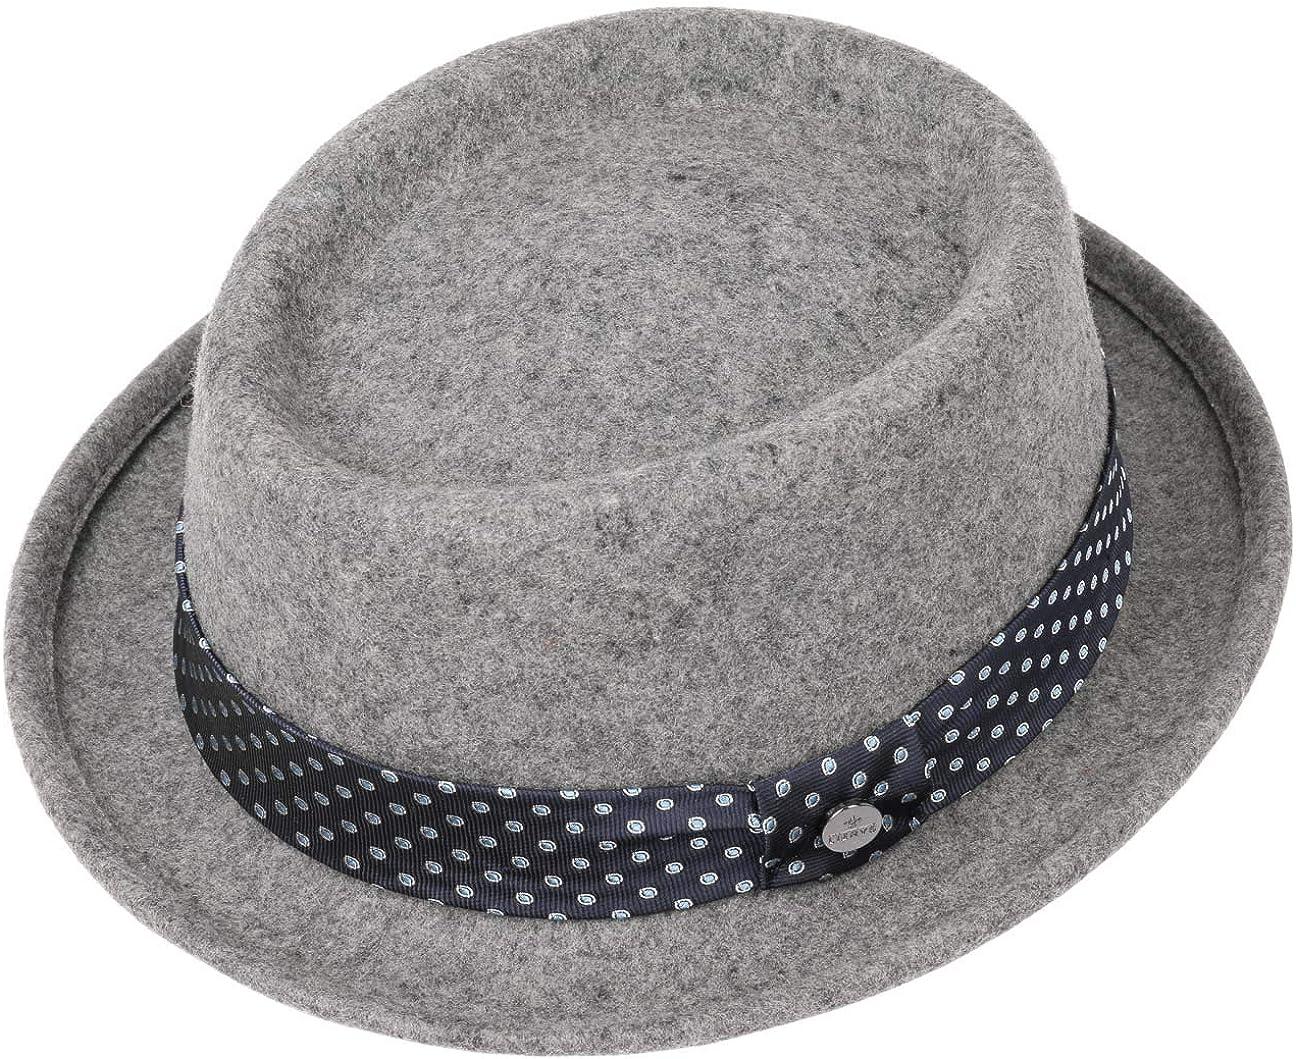 Lierys Dotted Ribbon Porkpie Hat Men//Kids Made in Italy Men/´s Wool Felt with Grosgrain Band Summer-Winter